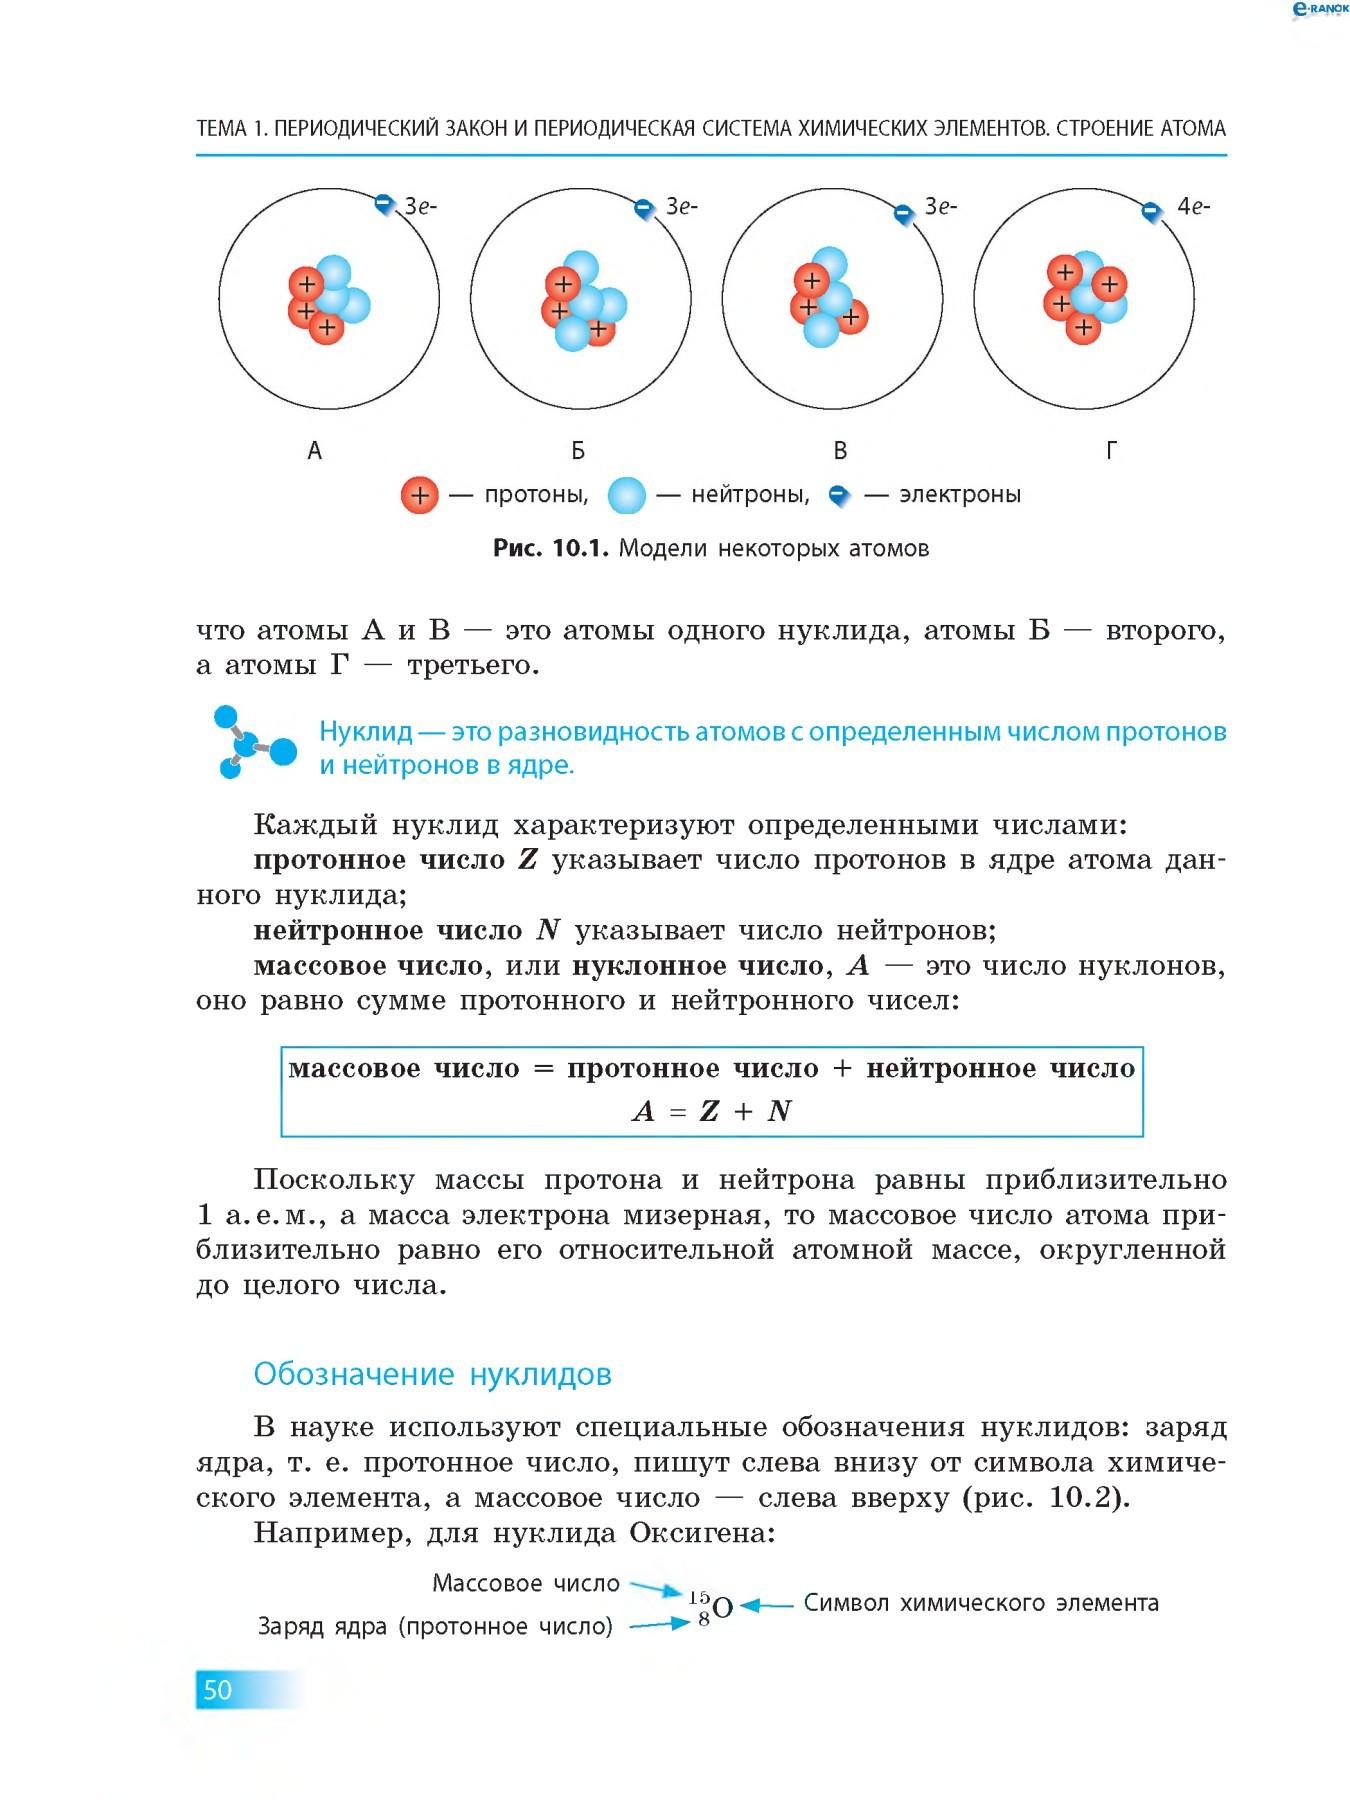 Таблица нуклидов